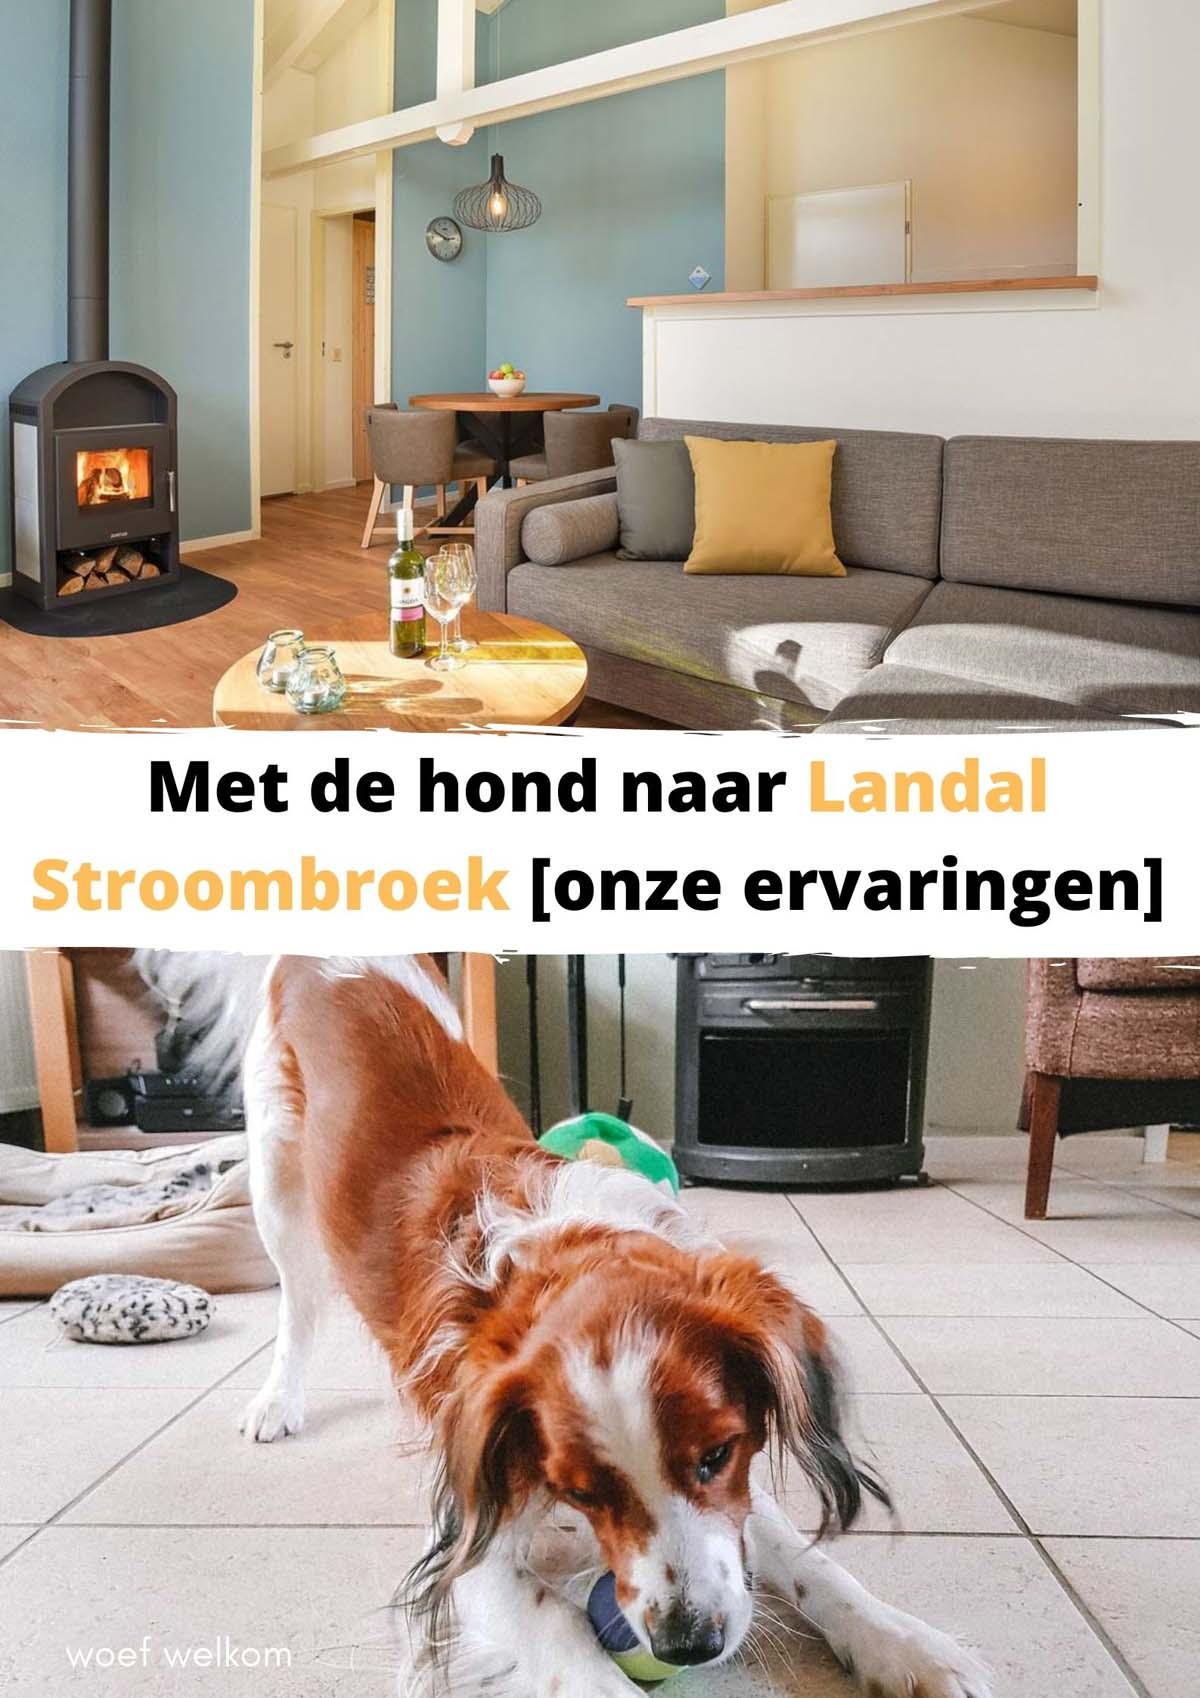 Met de hond naar Landal Stroombroek [onze ervaringen]